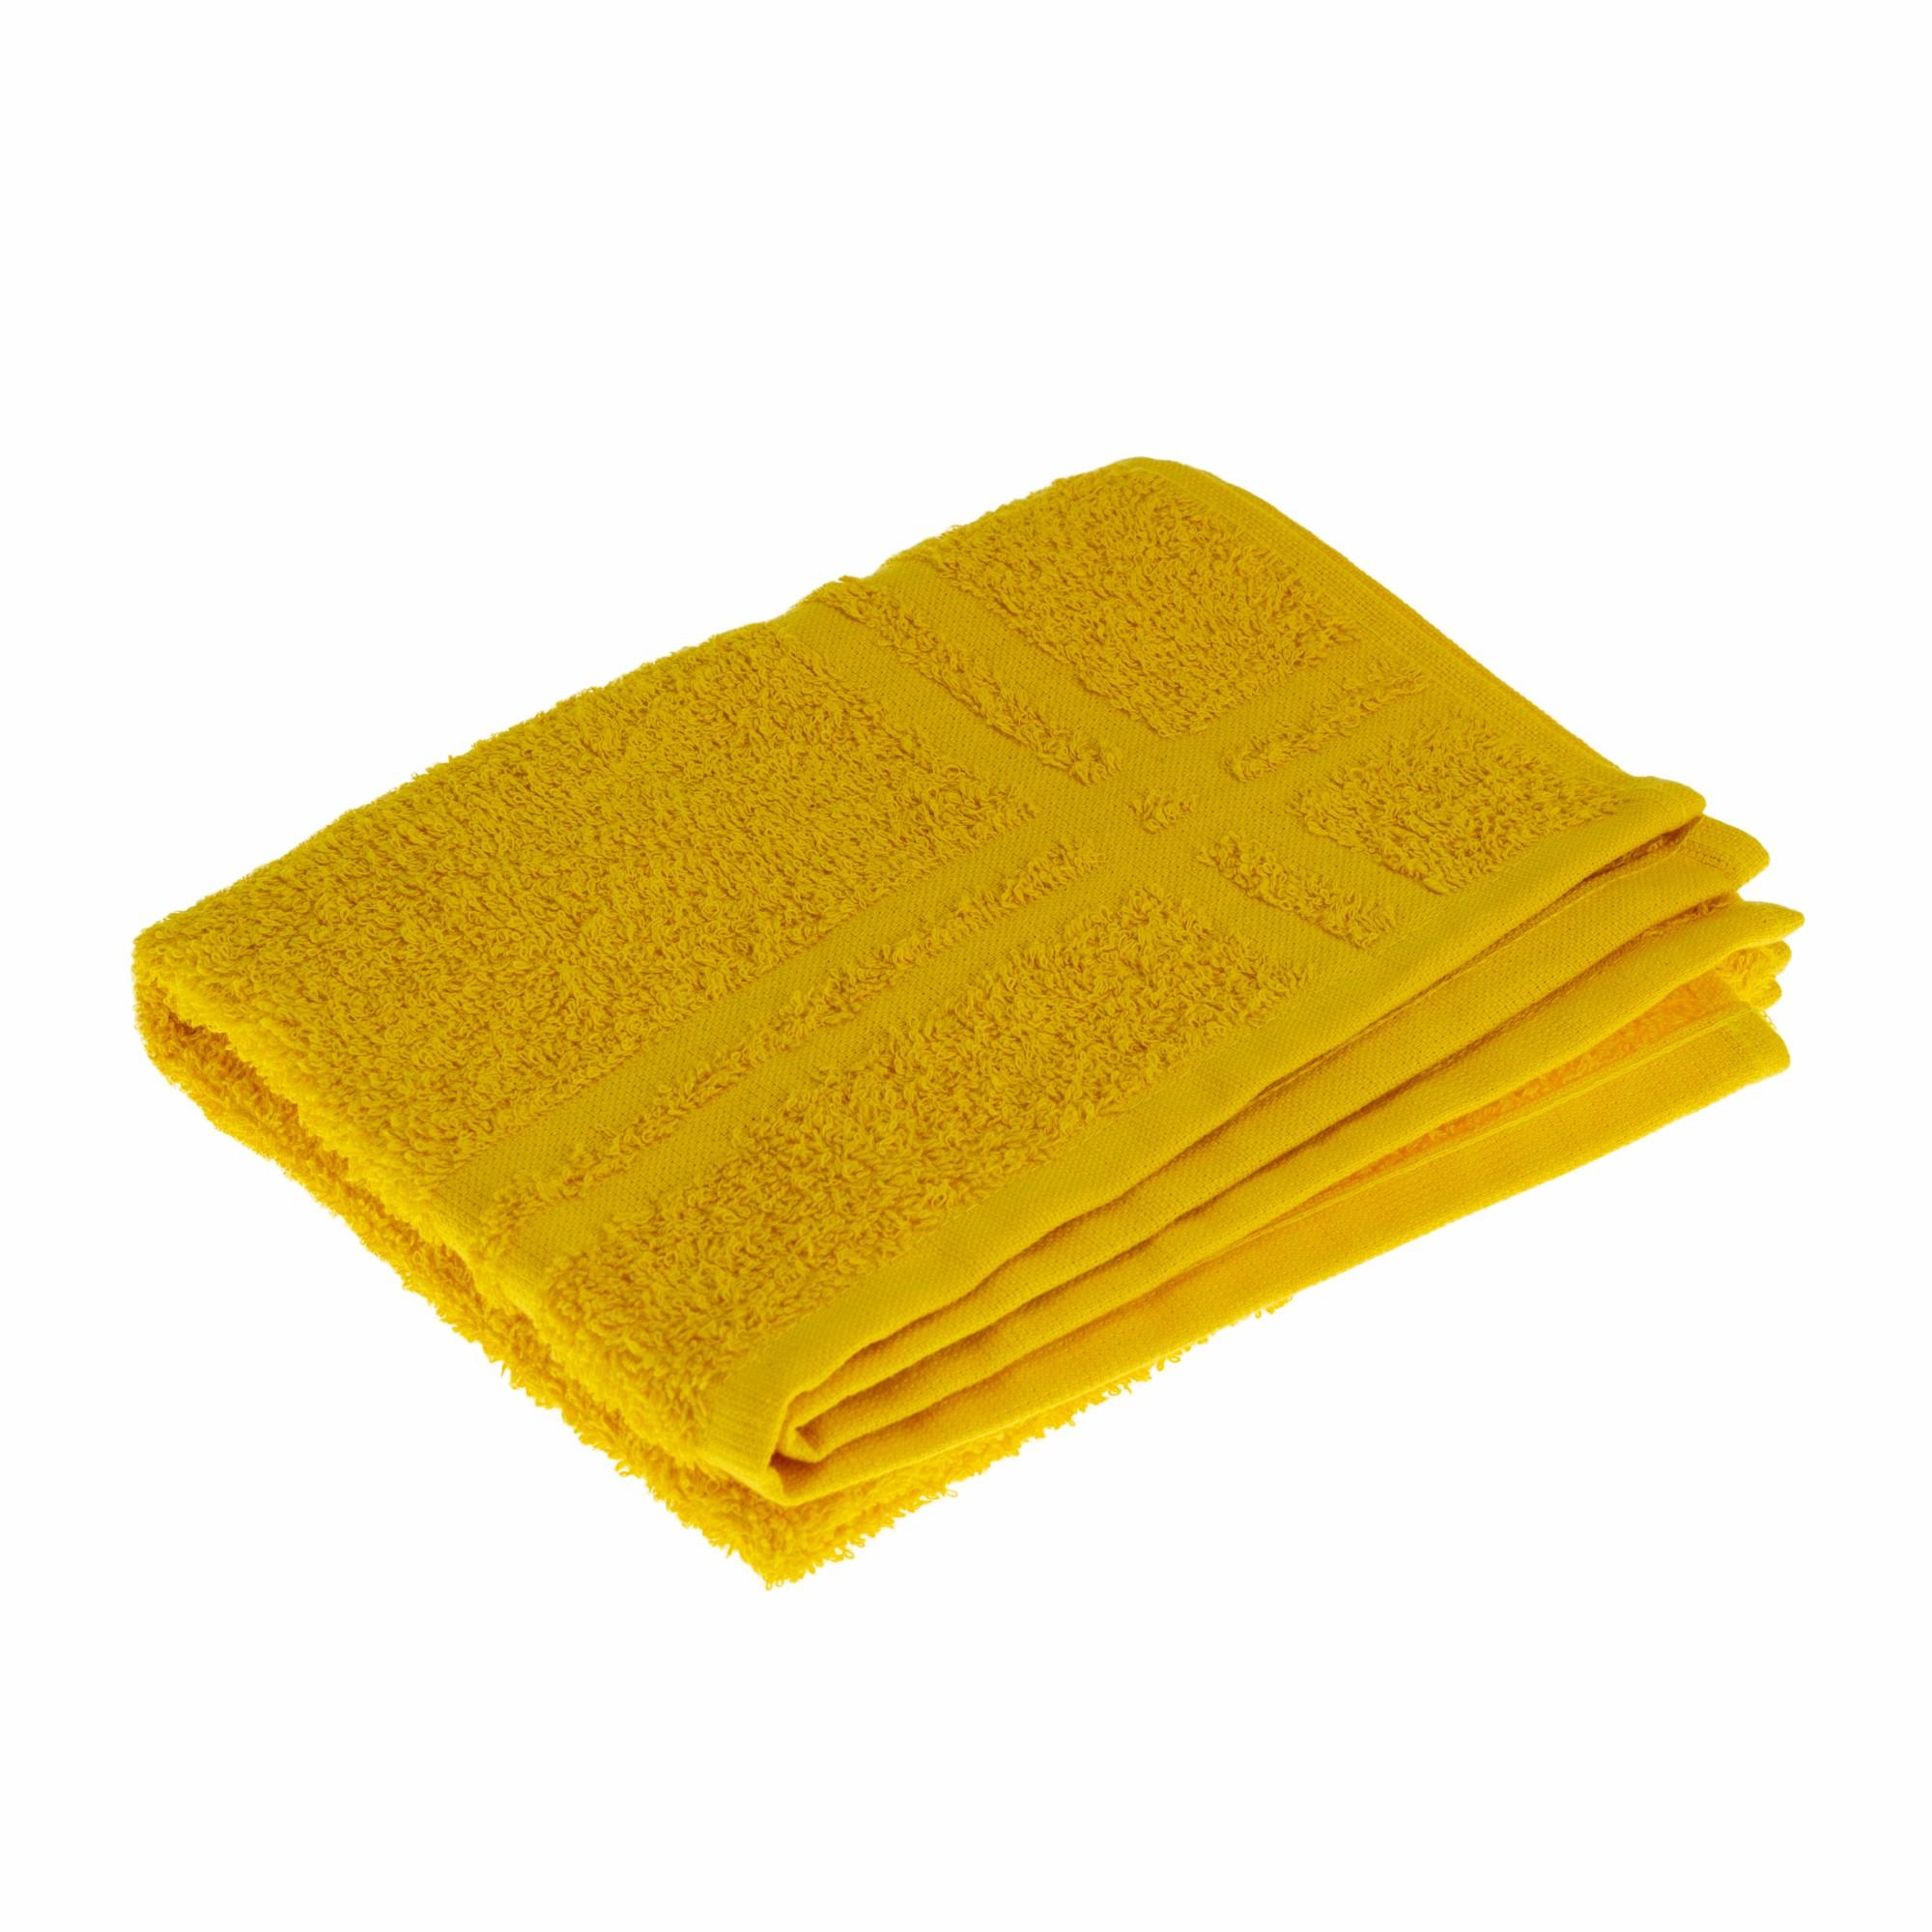 Toalha de Piso Charme 42 x 68 cm 100 algodao Amarelo - Marcotex